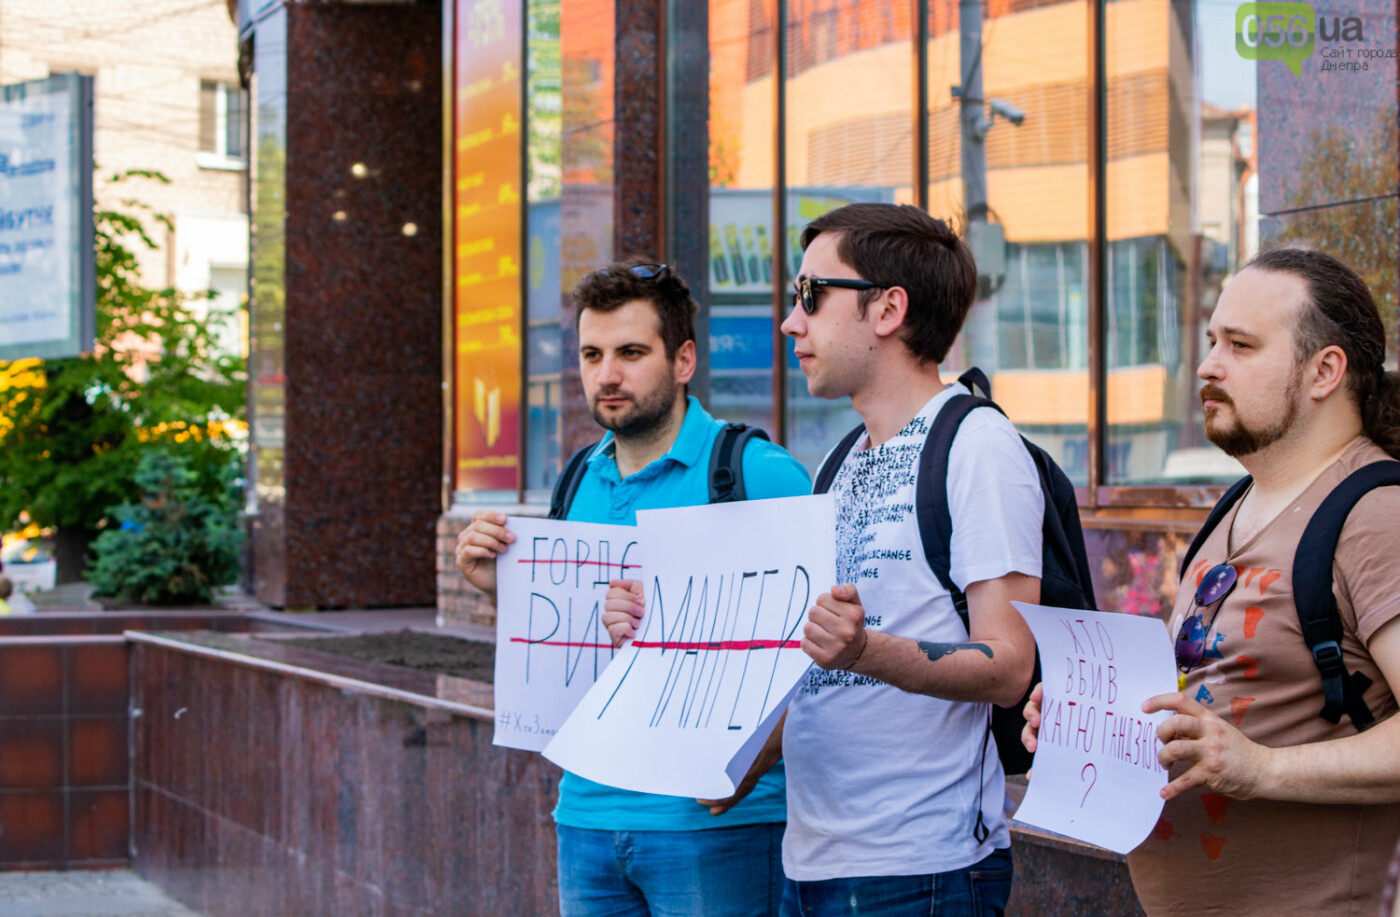 Фаера, плакаты и активисты: в центре Днепра прошла акция «Хто замовив Катю Гандзюк?», - ФОТОРЕПОРТАЖ, фото-2